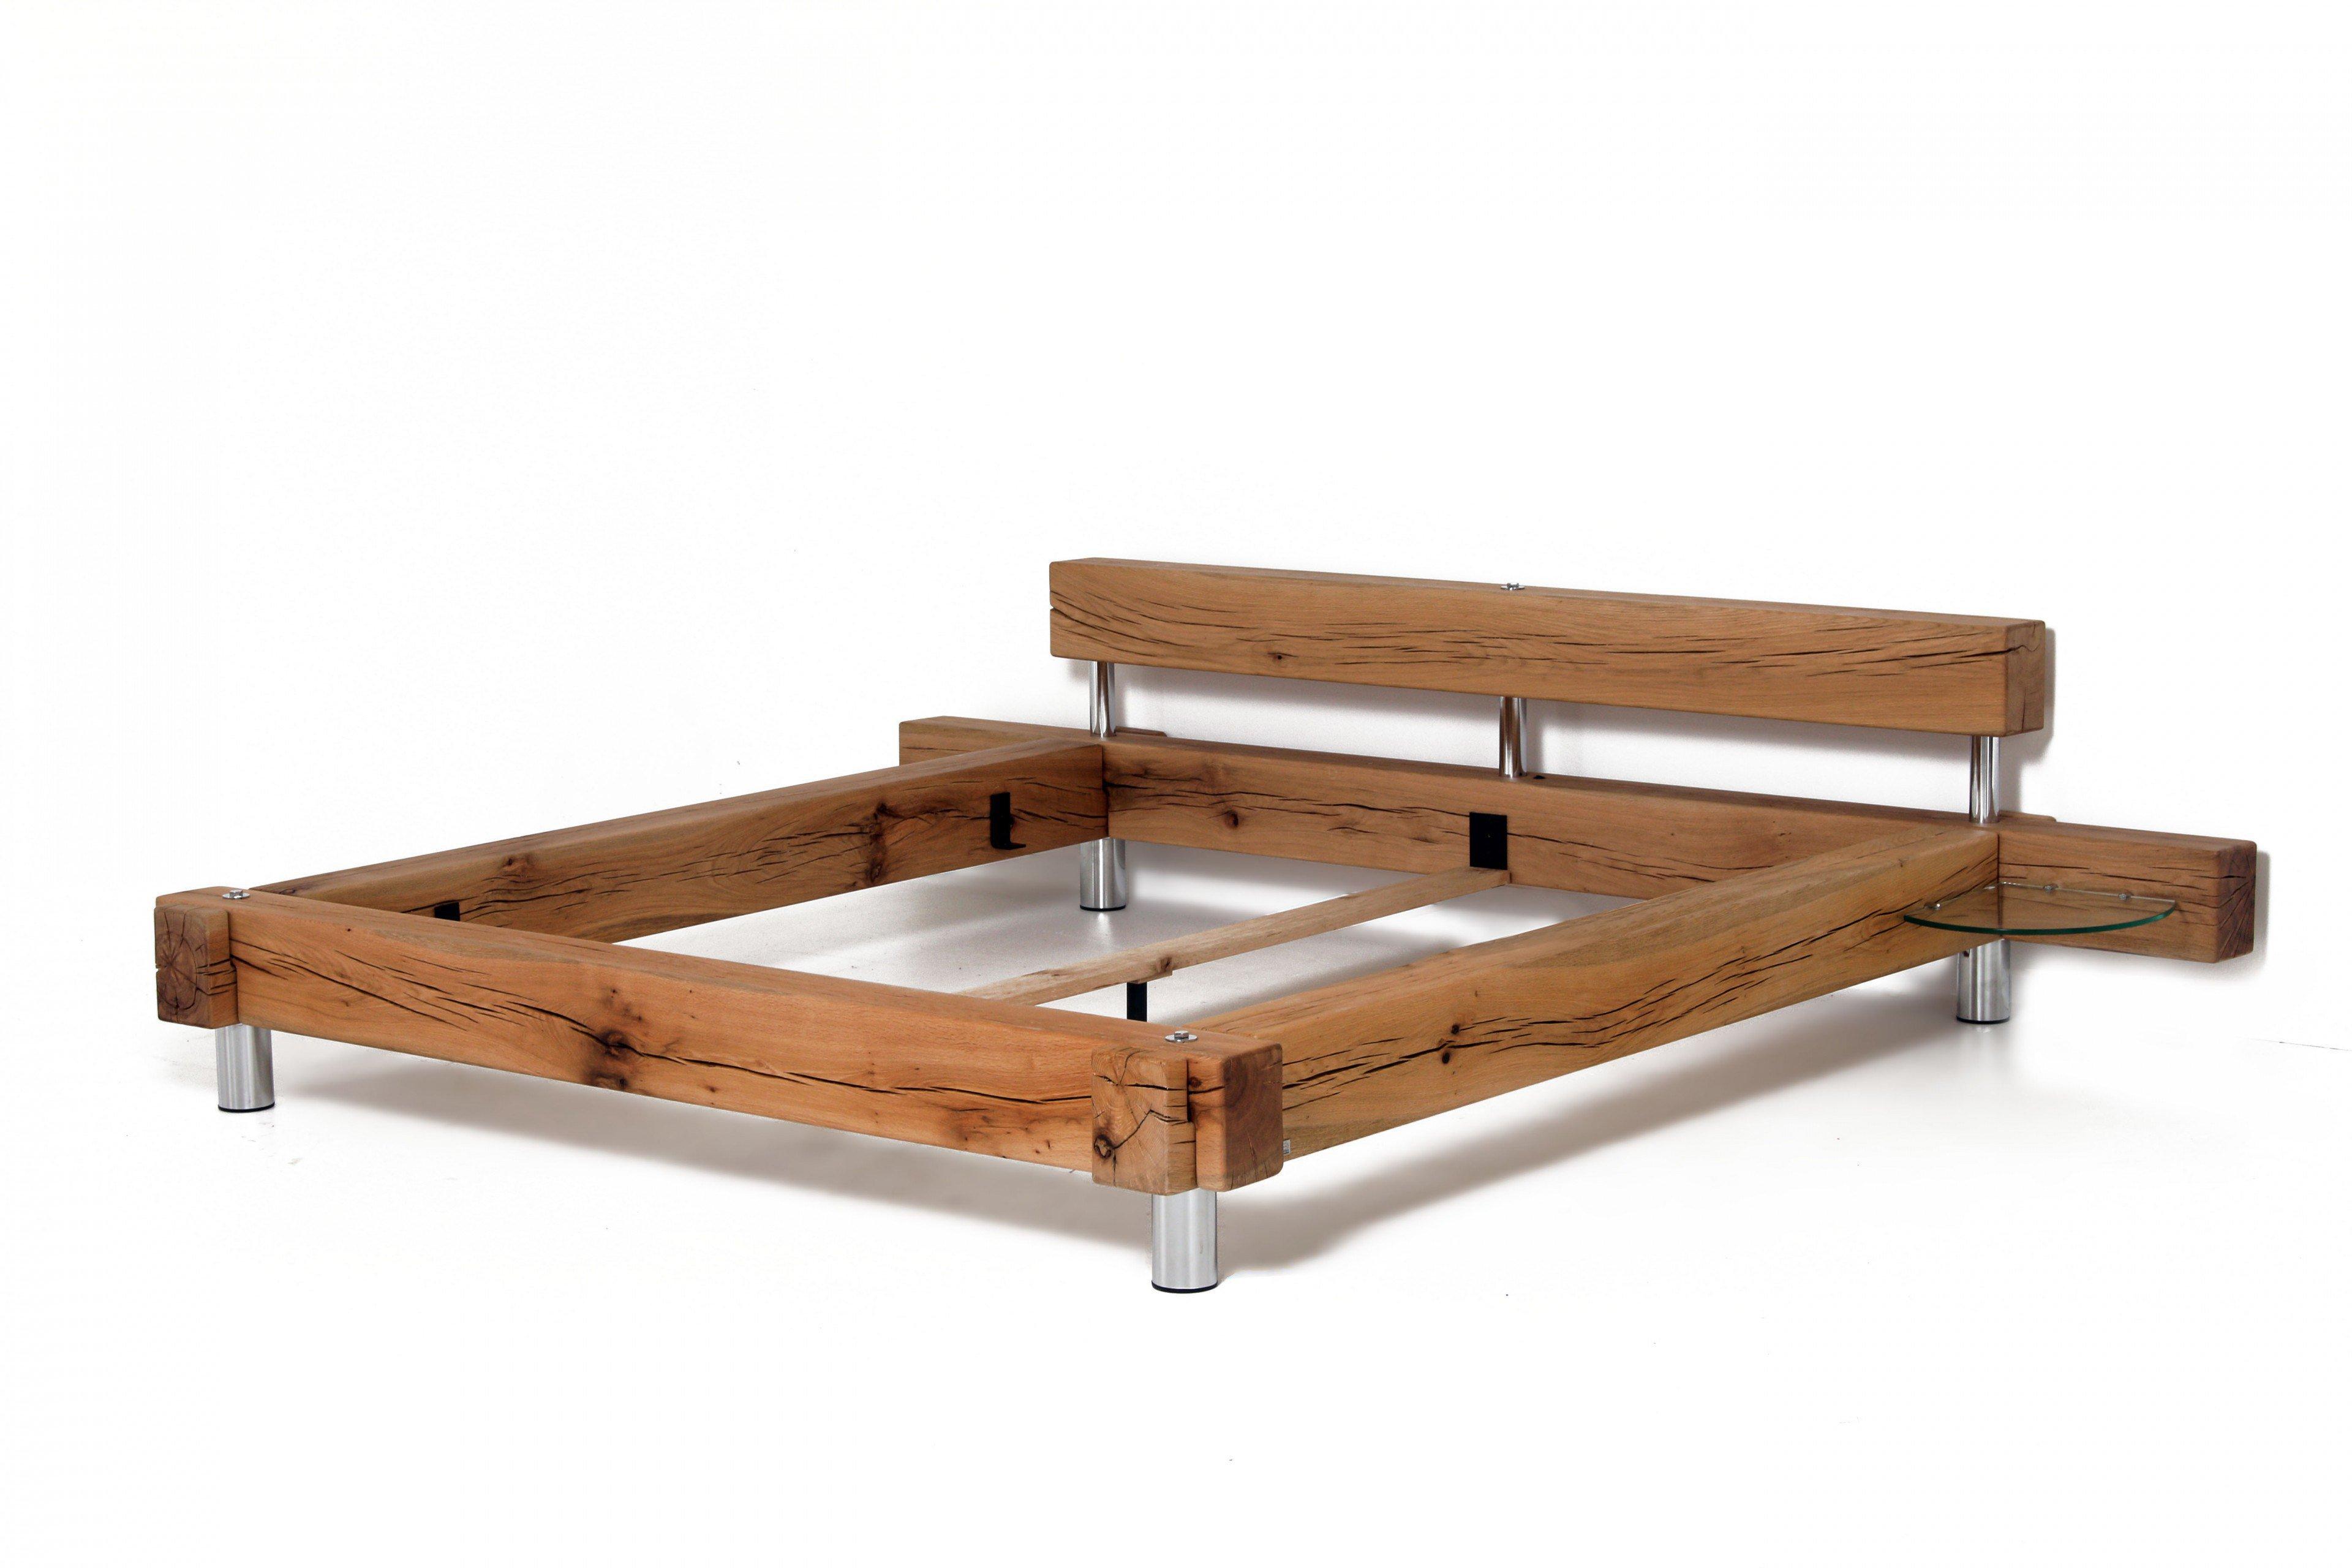 sprenger balken bett sumpfeiche geschliffen m bel letz ihr online shop. Black Bedroom Furniture Sets. Home Design Ideas